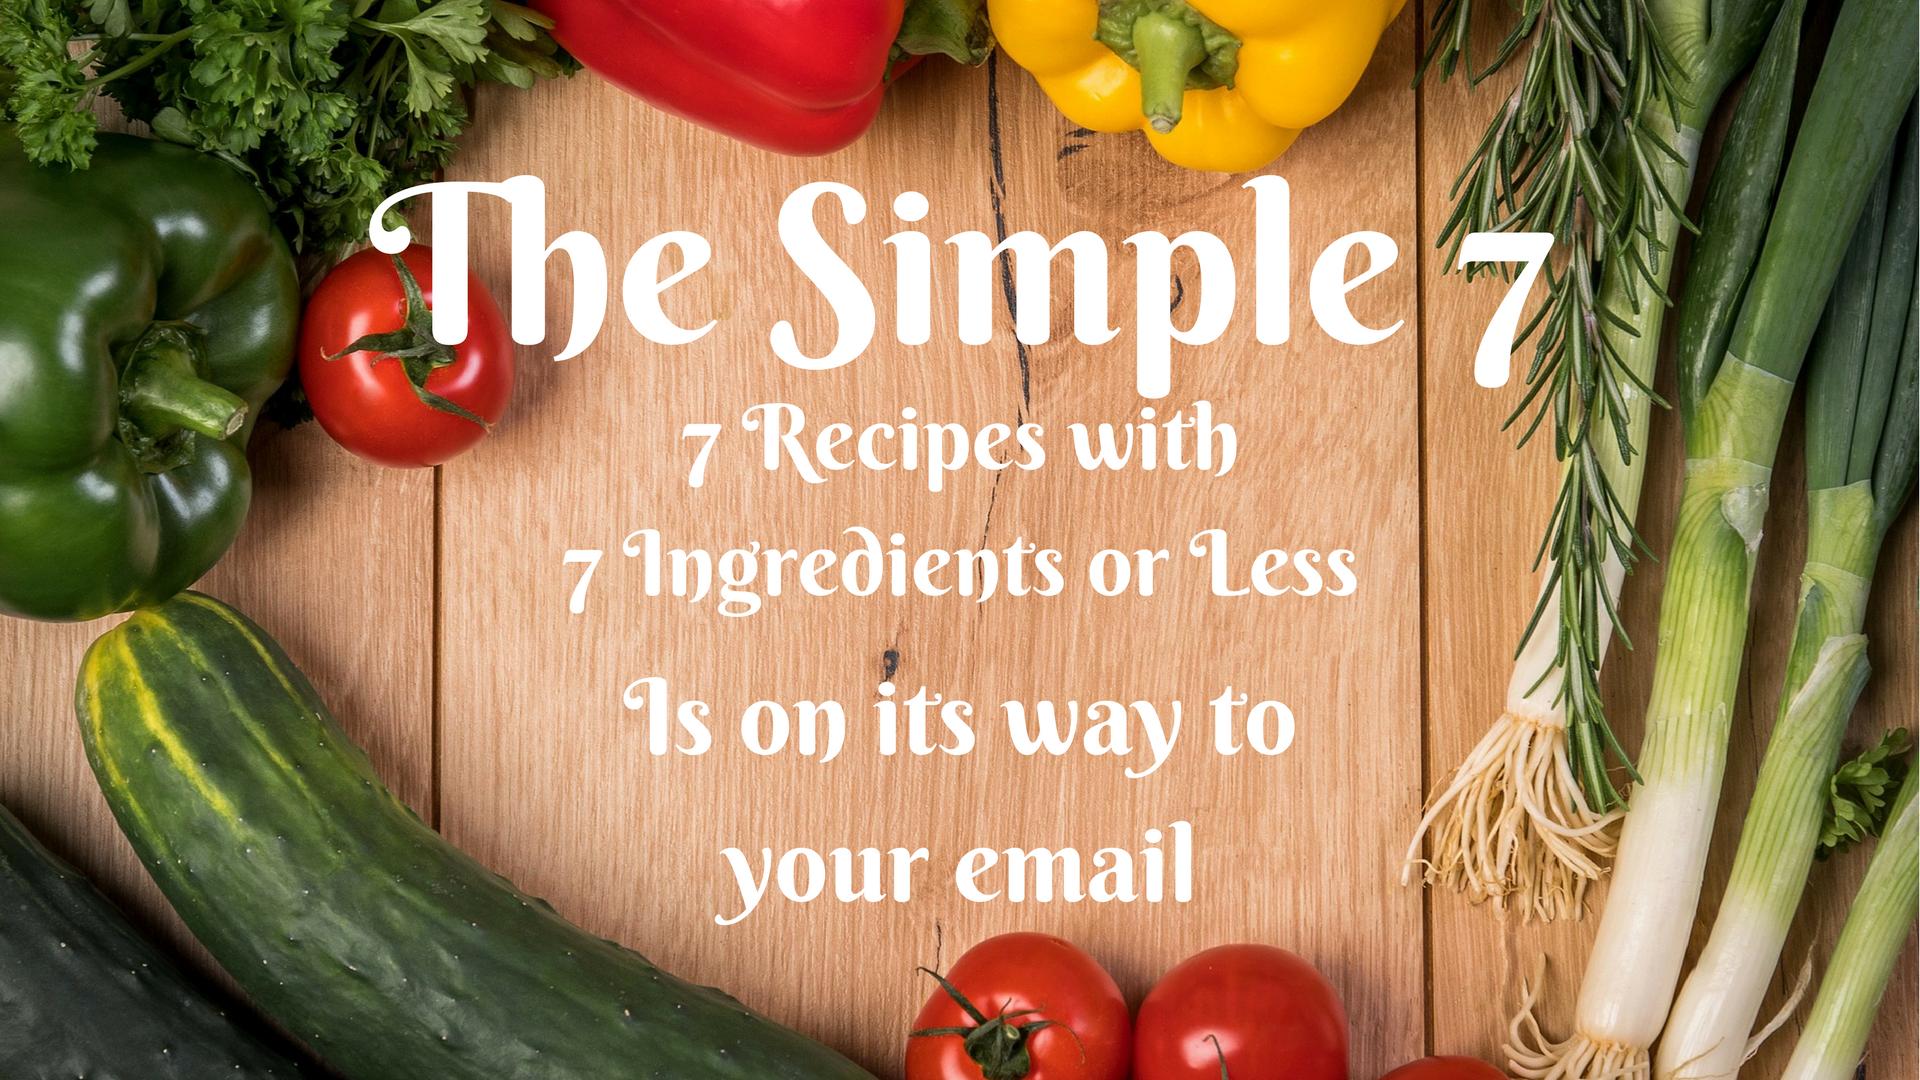 The Simple 7 Recipe eBook